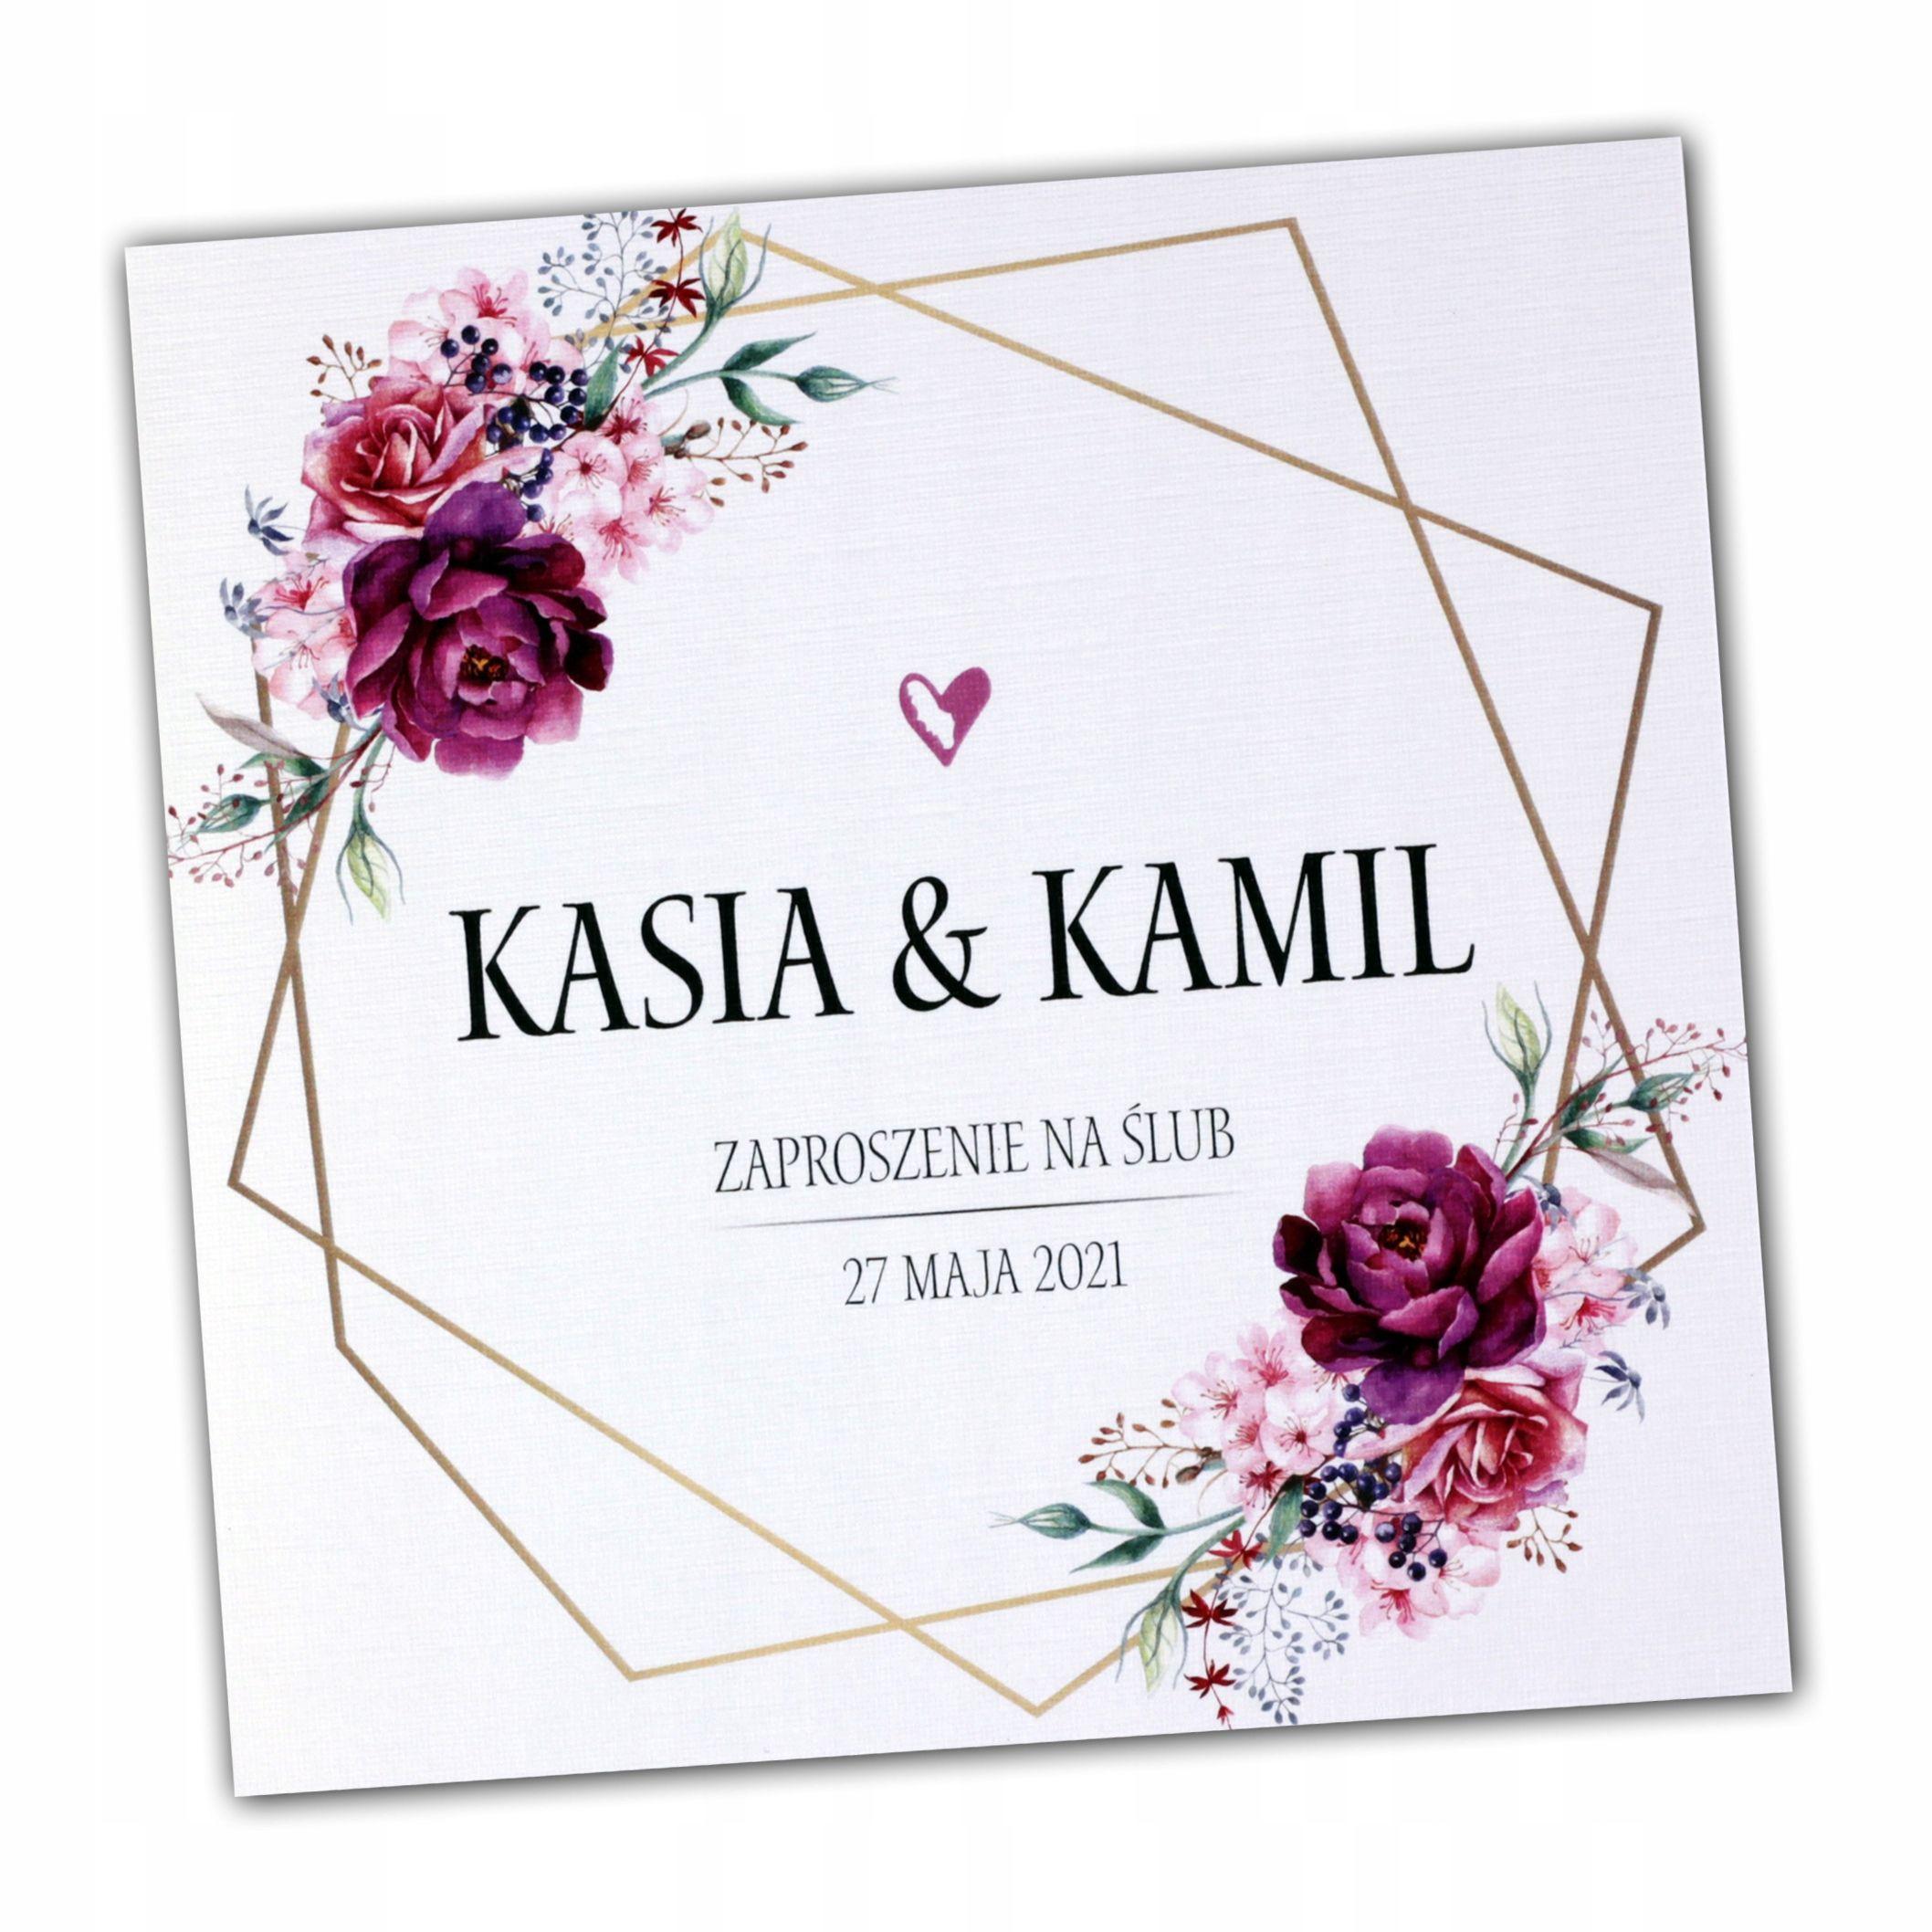 Zaproszenia Slubne Rustykalne Kwiatowe Boho Nowosc 7652760463 Oficjalne Archiwum Allegro Wedding Cards Diy Wedding Wedding Invitations